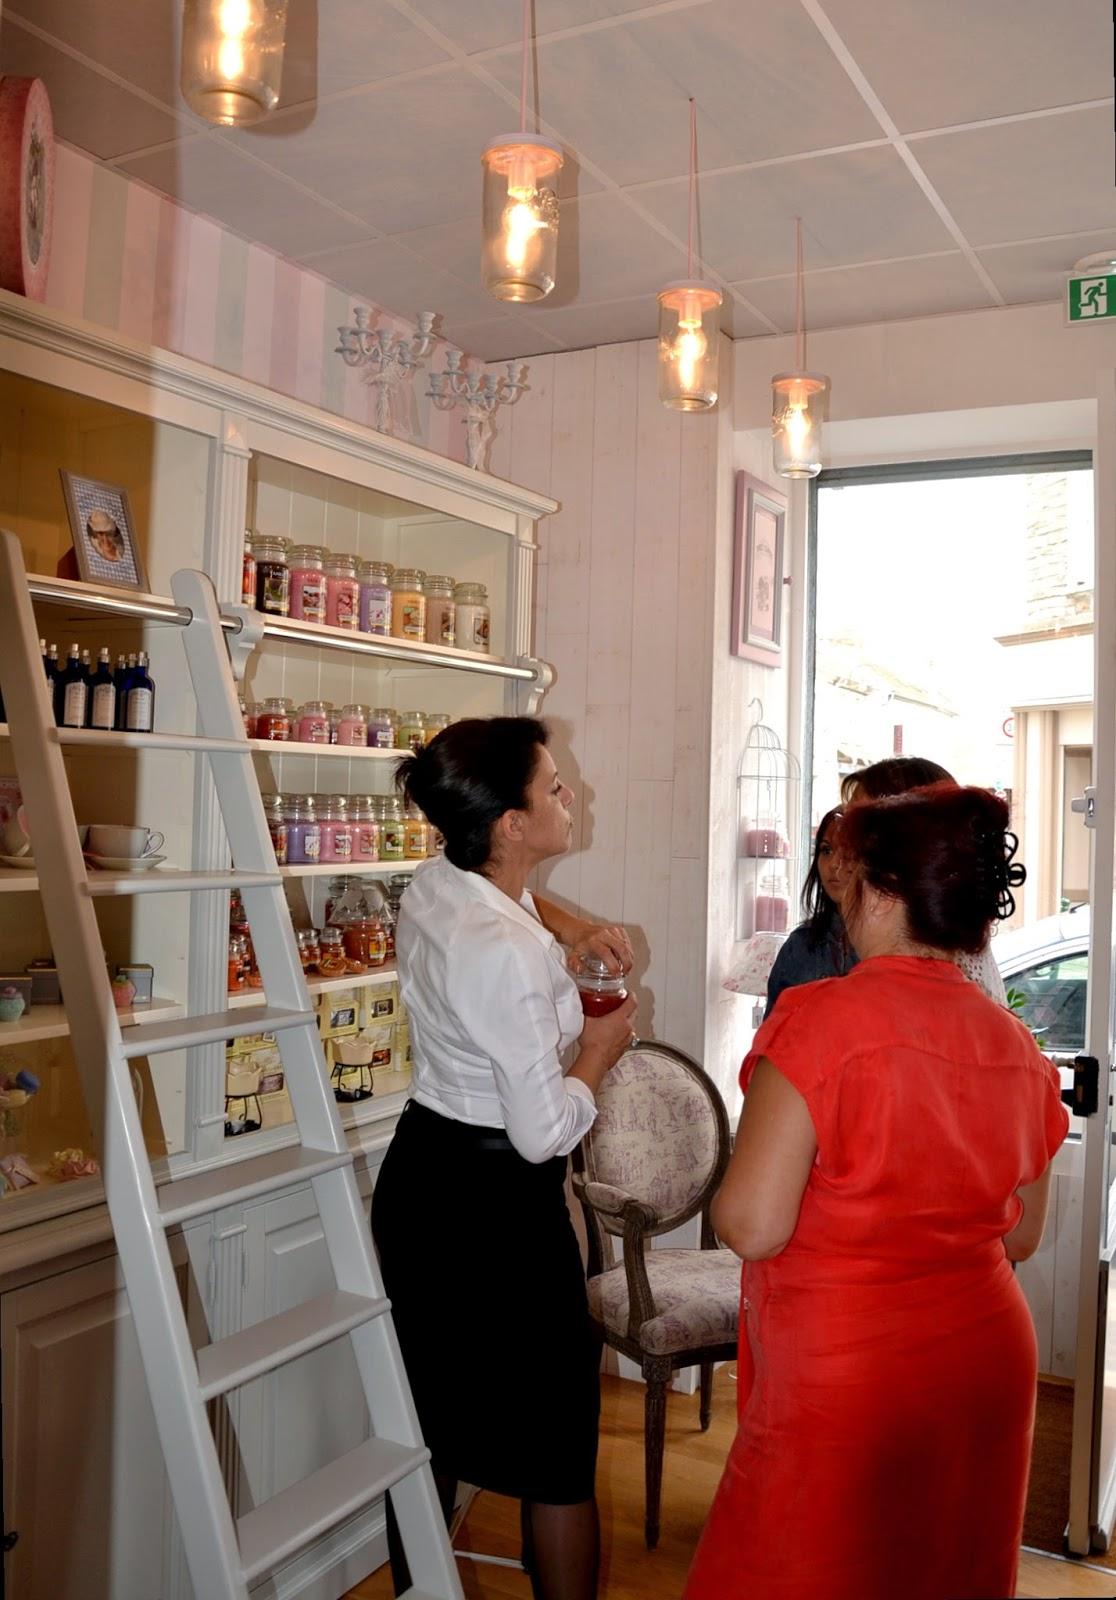 Histoire des commerces de milly la foret septembre 2014 for Interieur chic et cosy